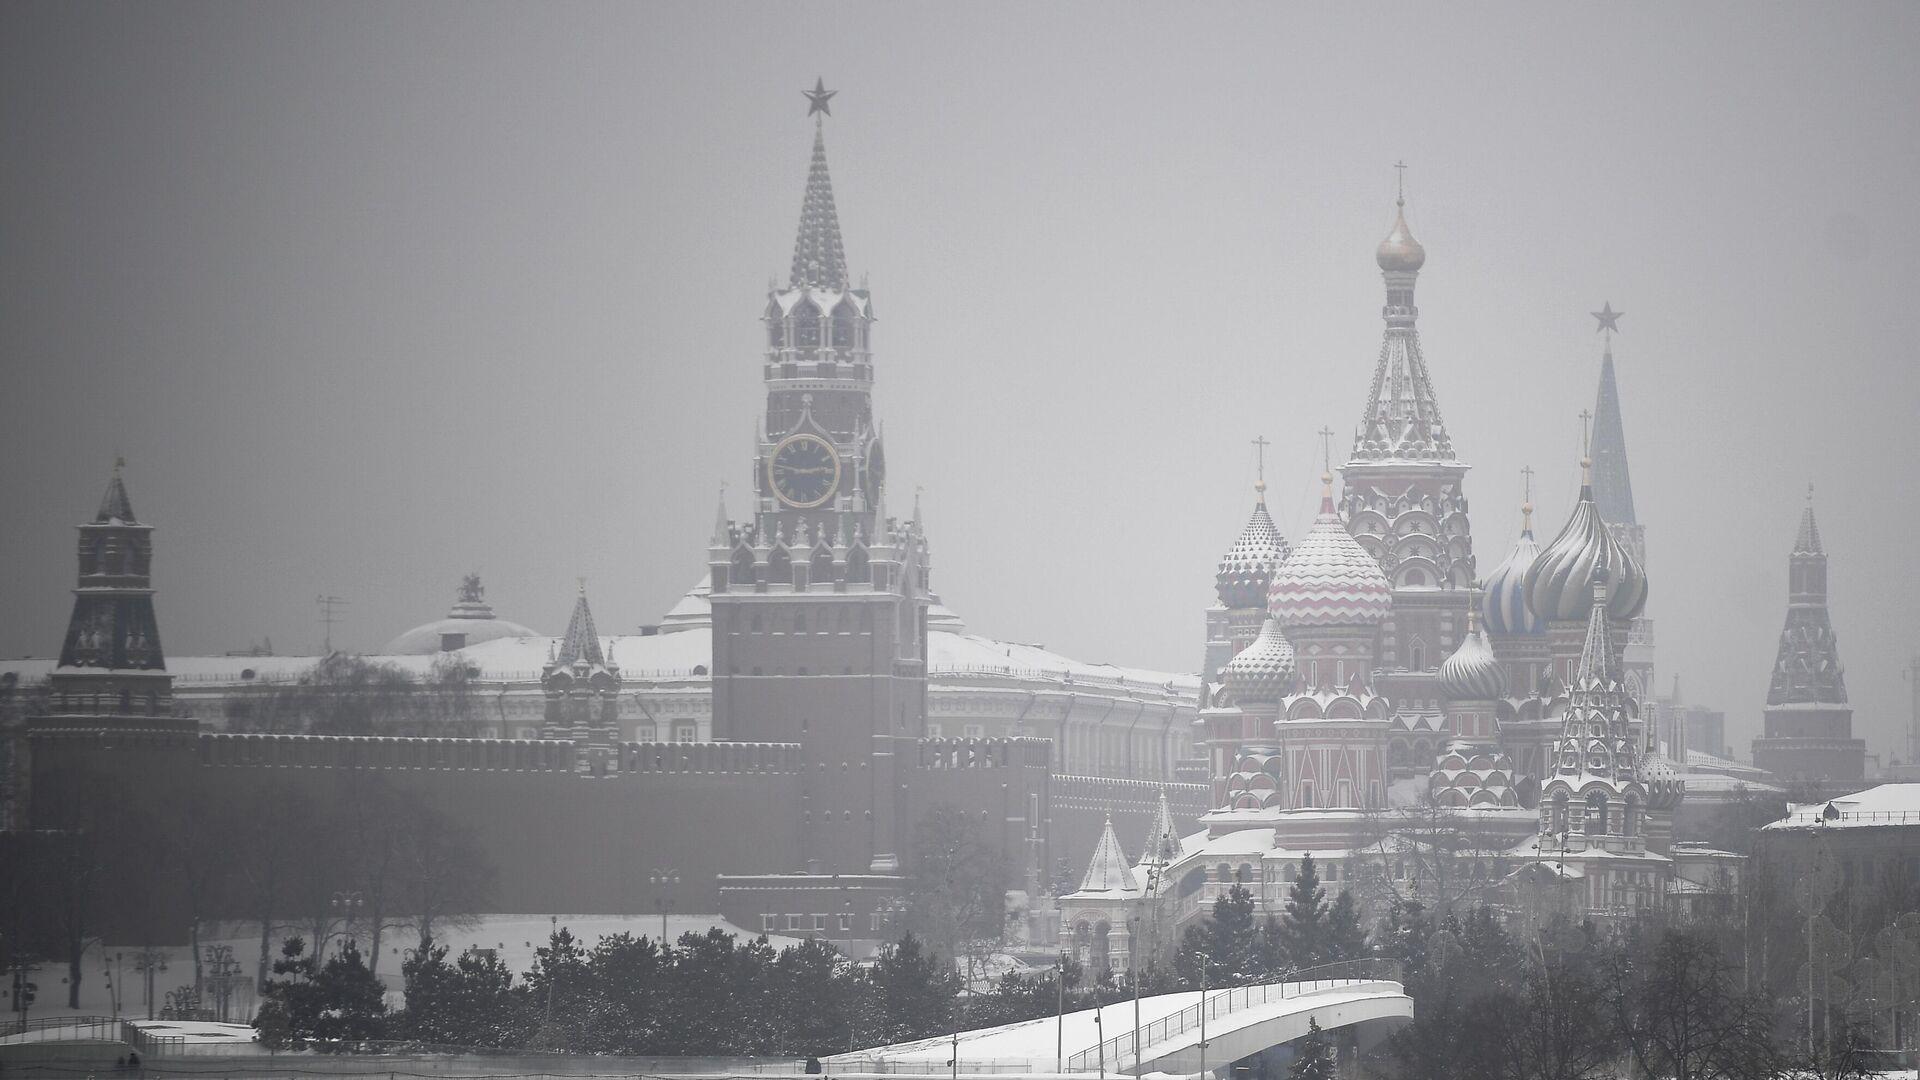 Башни Московского Кремля - РИА Новости, 1920, 29.01.2021